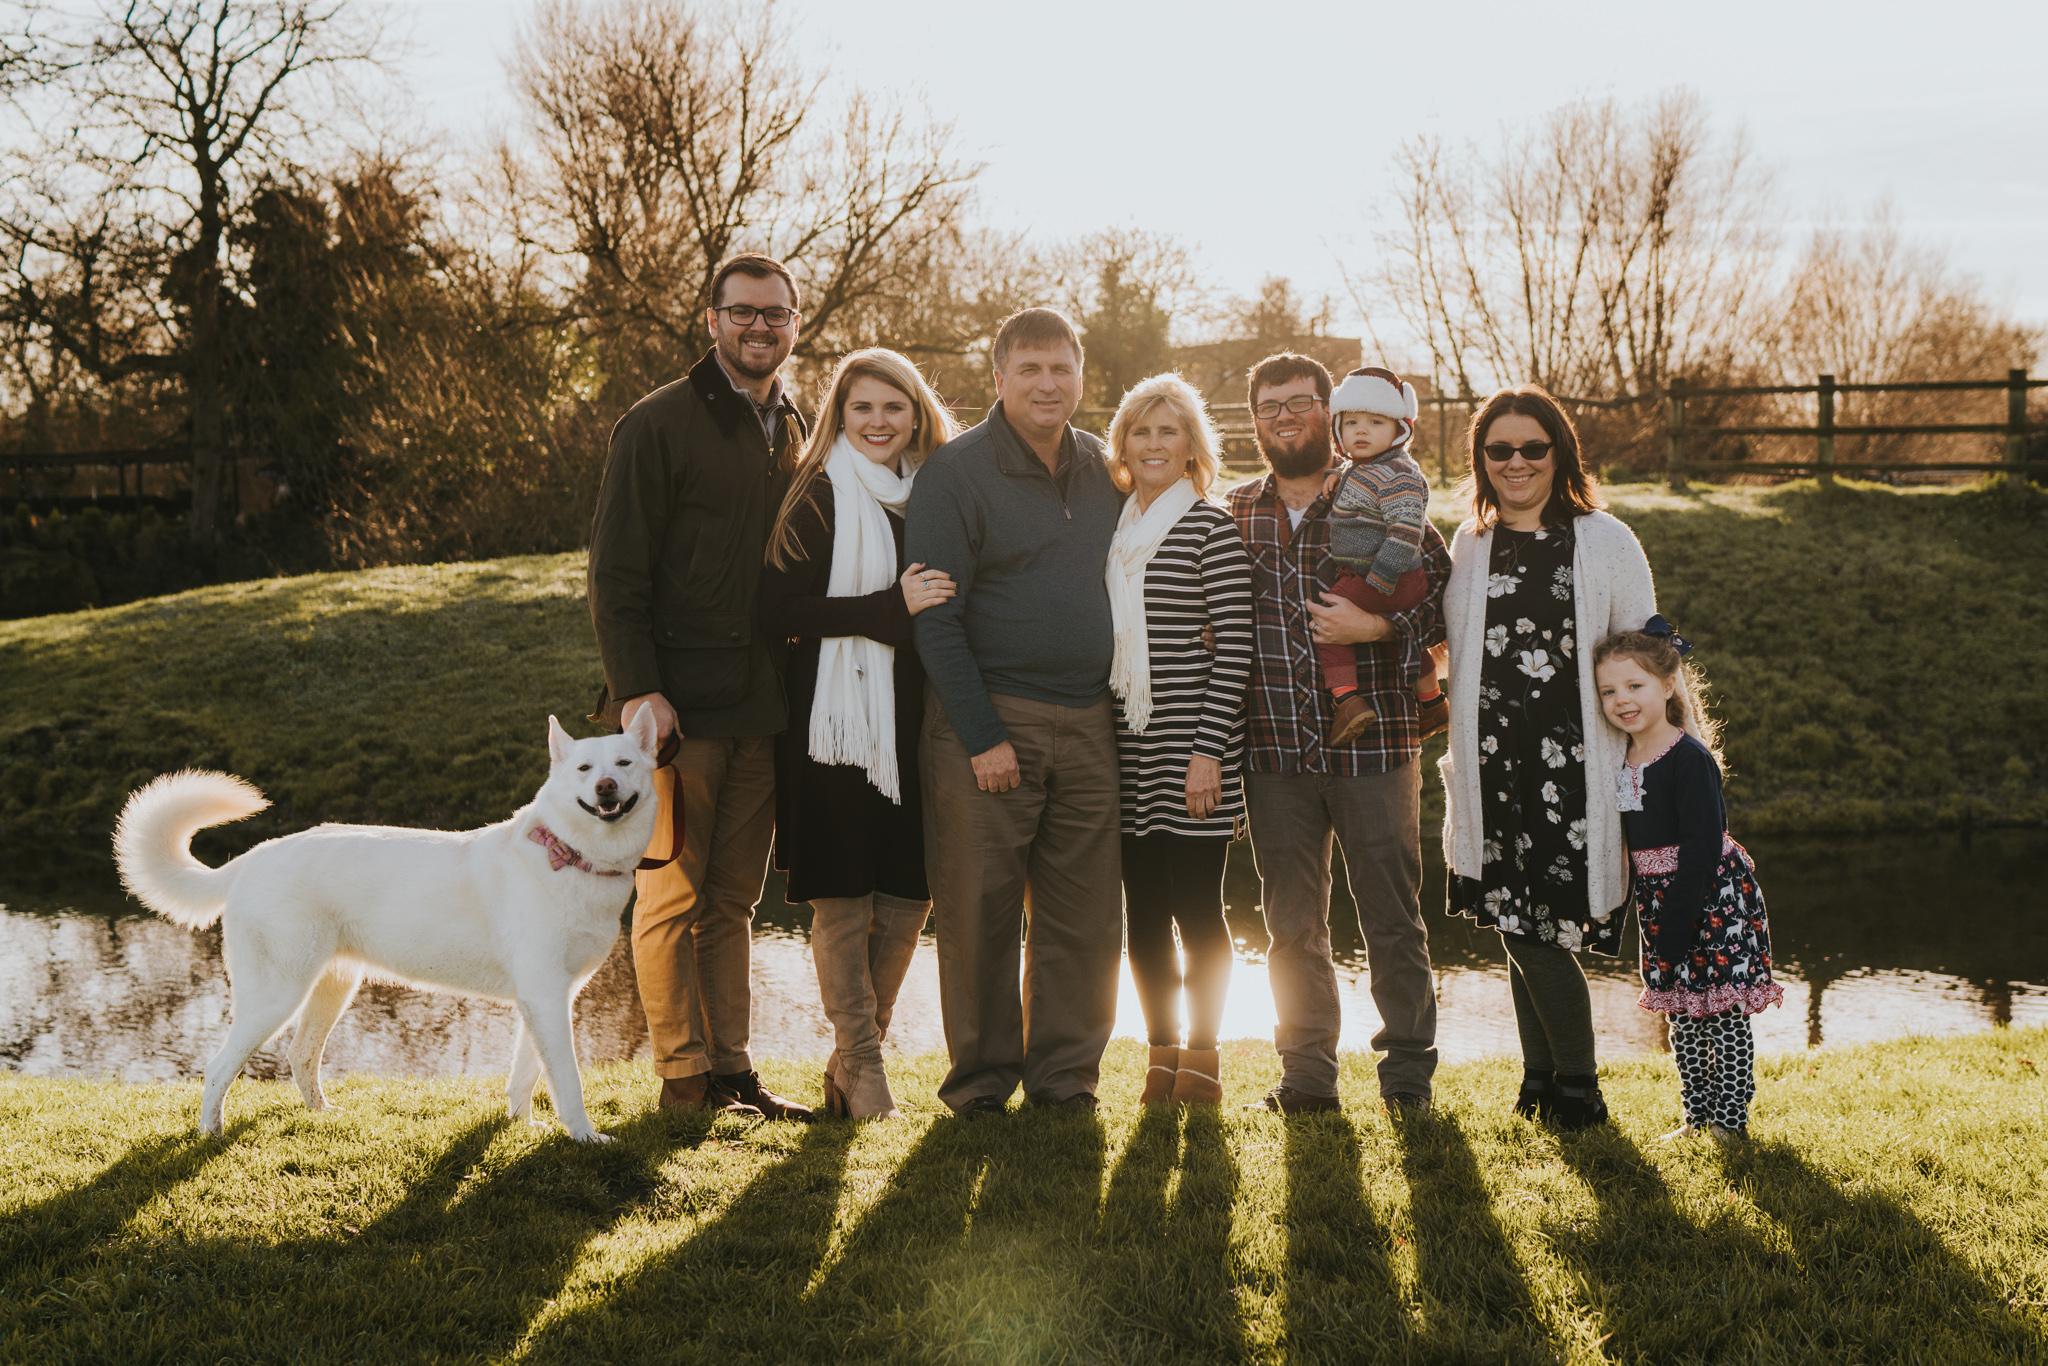 mcpherson-extended-family-session-dedham-grace-elizabeth-colchester-essex-alternative-wedding-lifestyle-photographer-essex-suffolk-norfolk-devon+(1+of+57).jpg